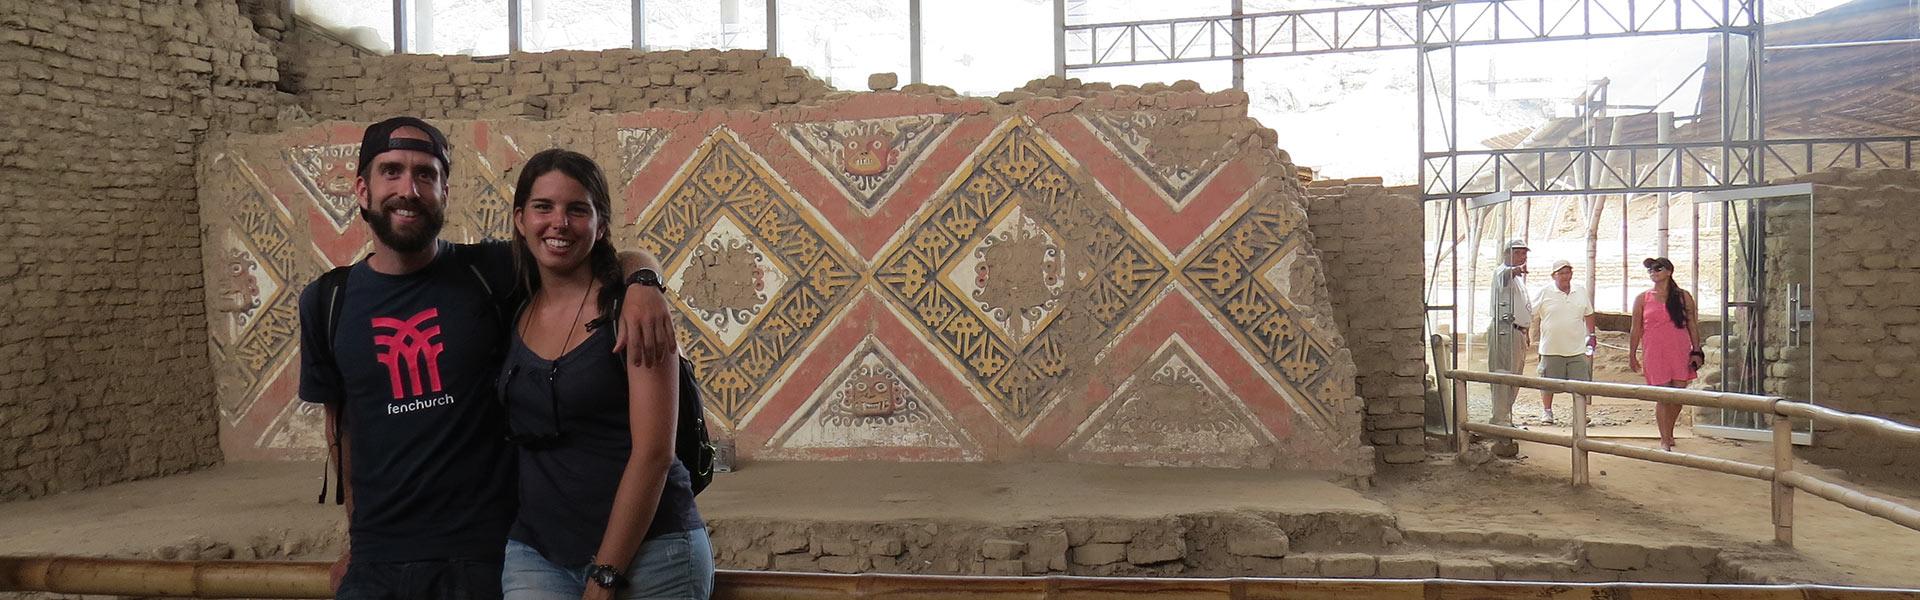 Perú Ruta Moche y Arqueología 7 días / 6 noches